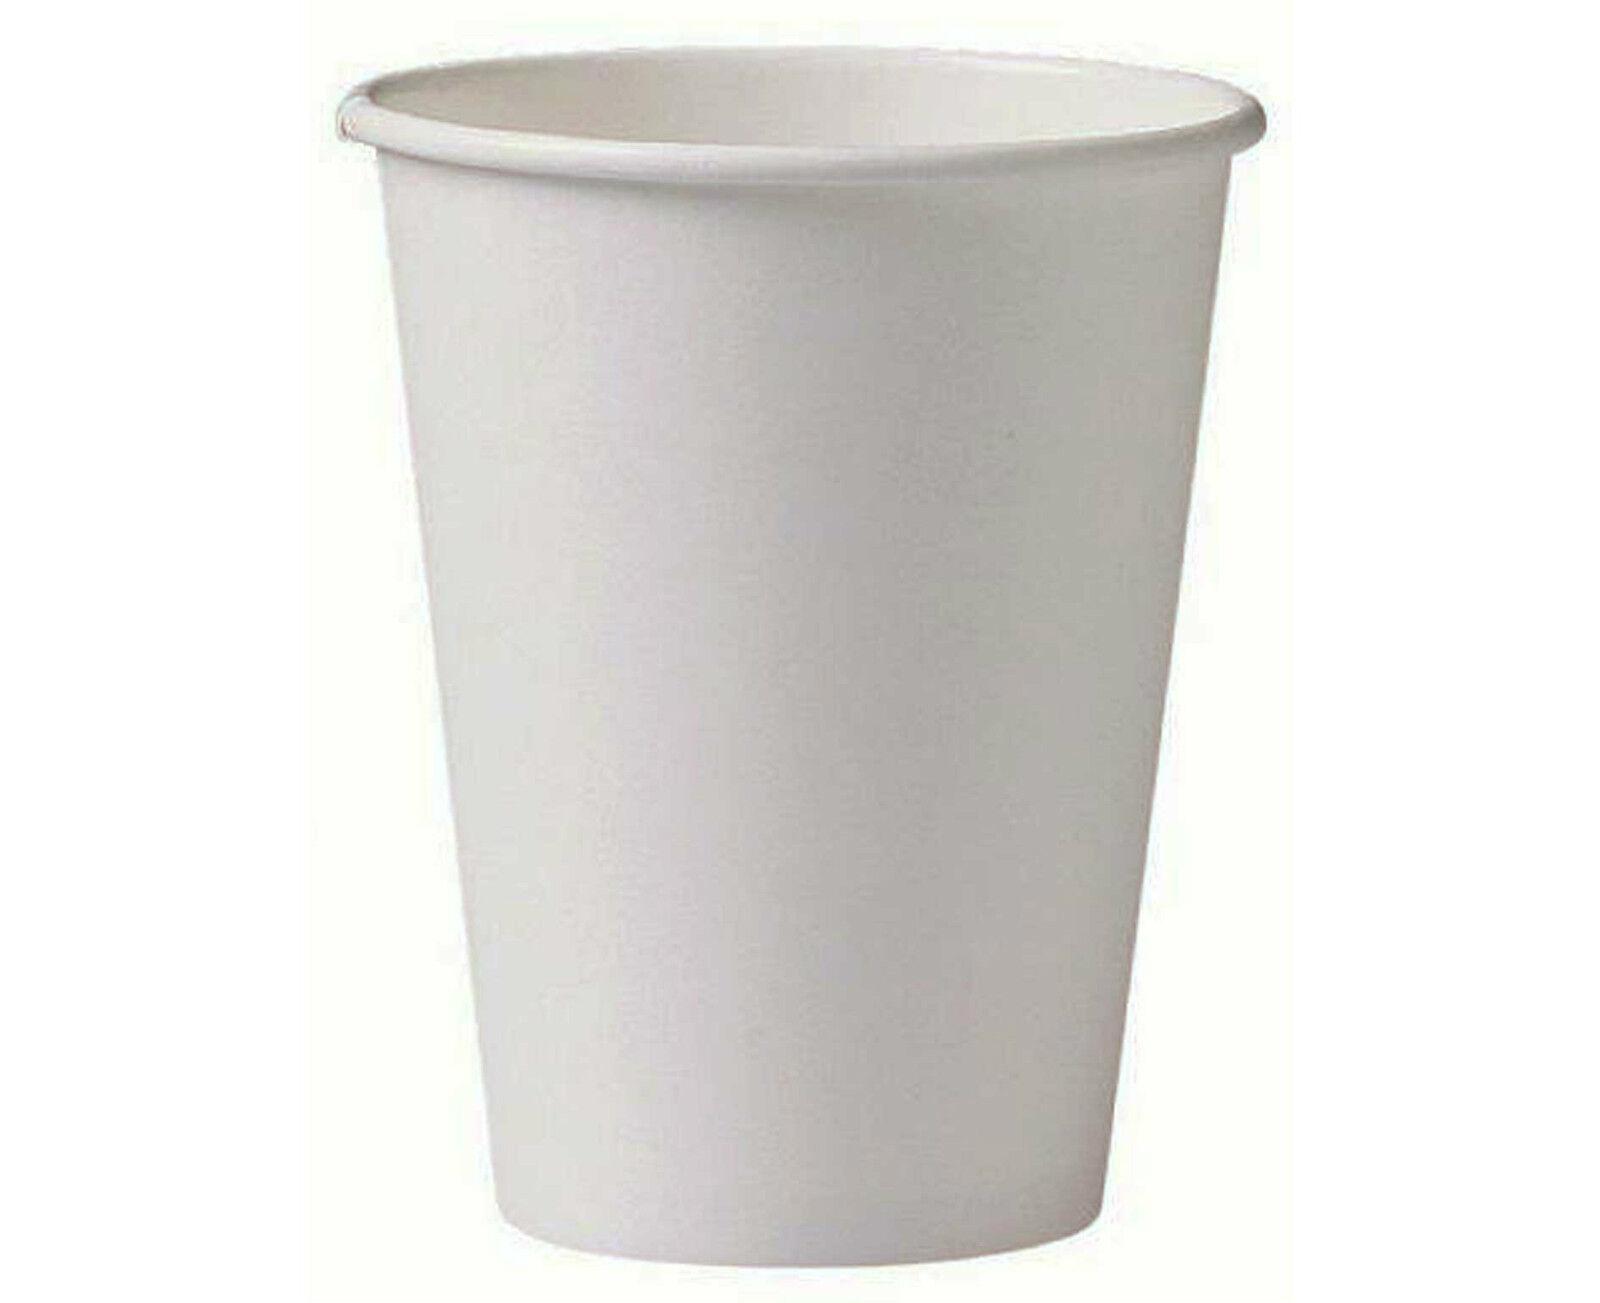 1000 X 16oz blanc Paper Cups Disposable Parcravates Events Hot & Cold Drinks